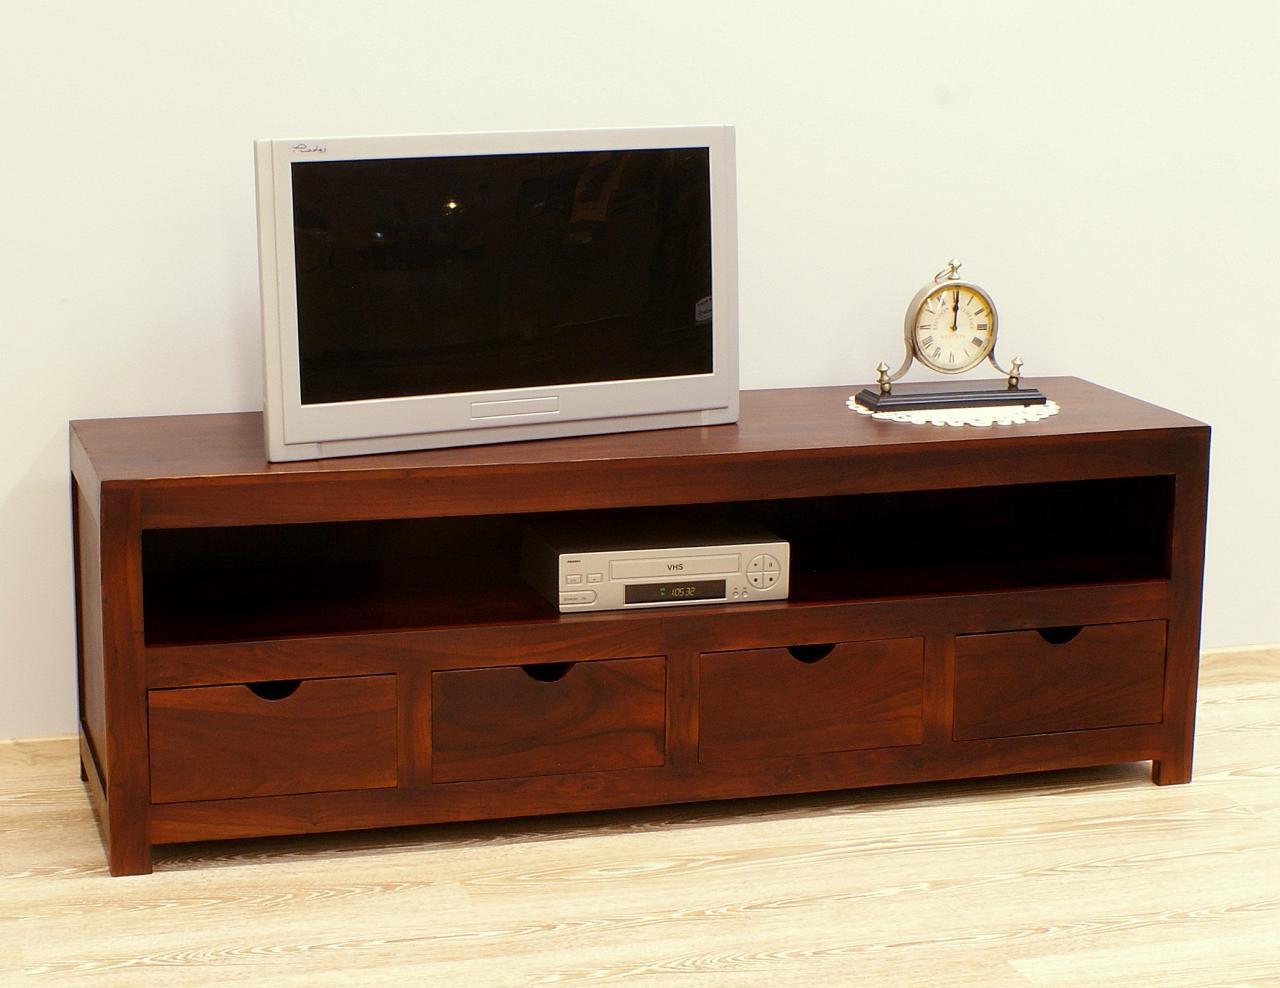 Szafka pod telewizor komoda RTV lite drewno palisander indyjski styl modernistyczny ciemny brąz